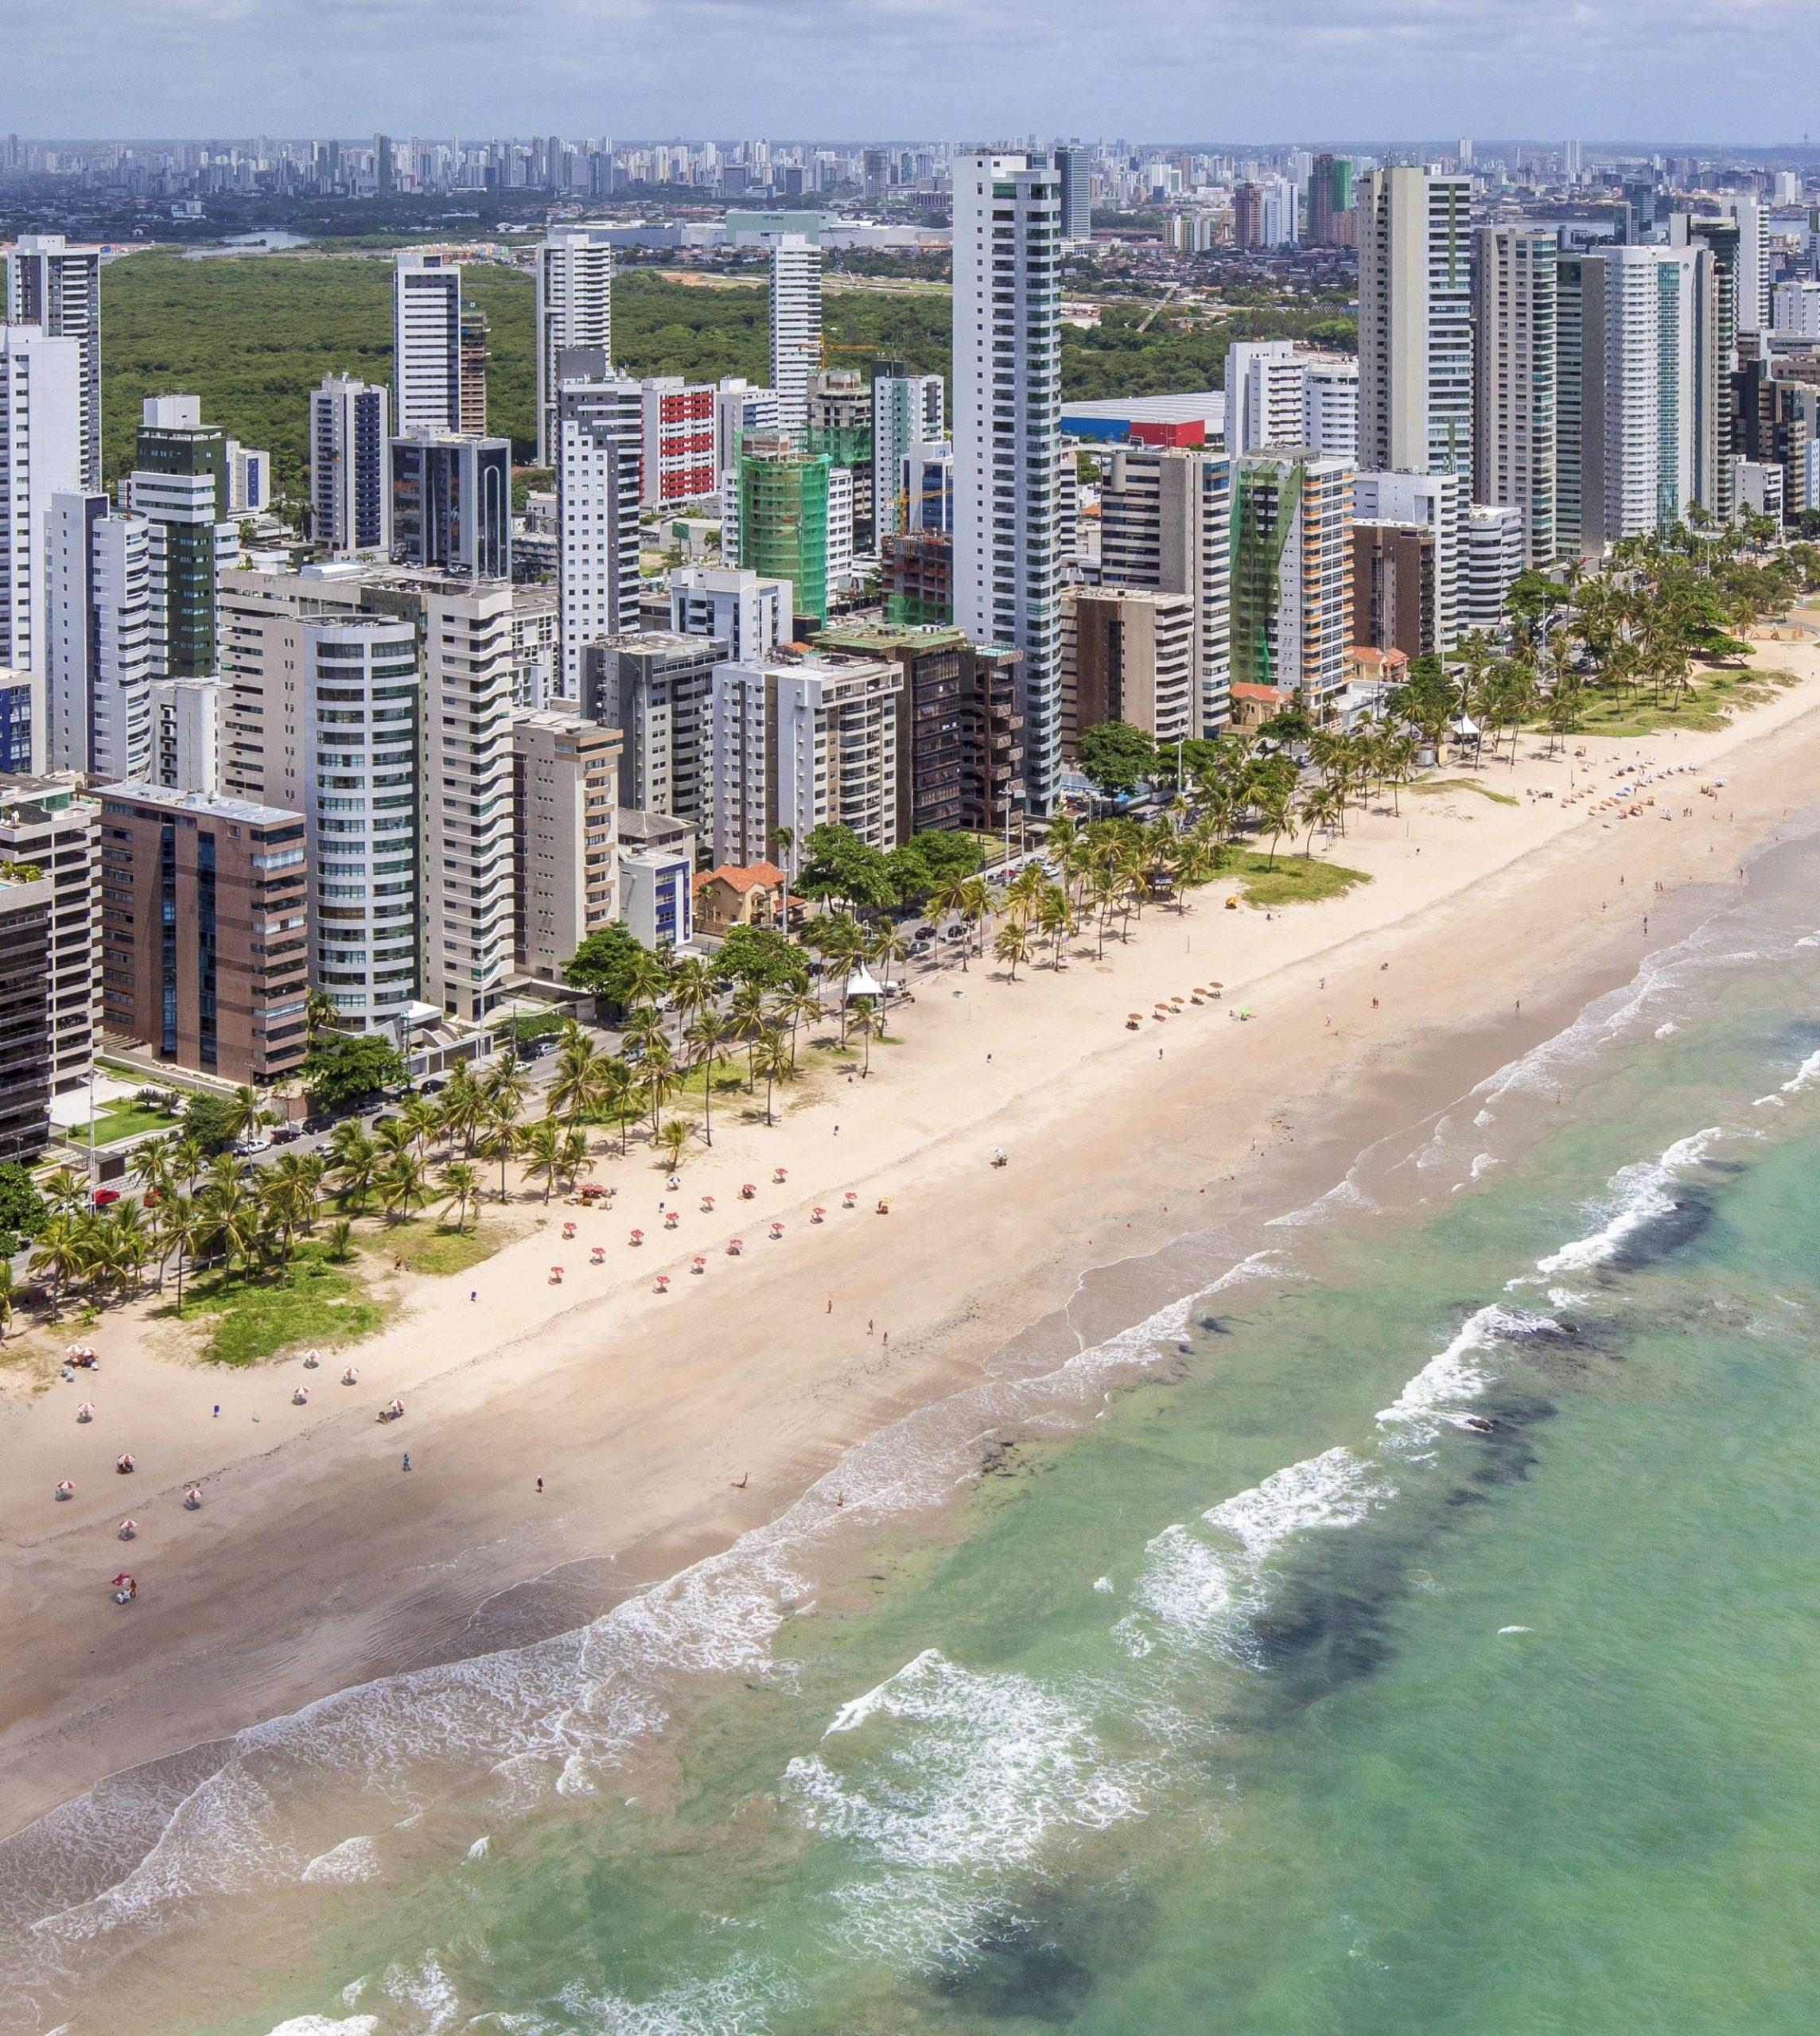 Recife lança Plano de Agroecologia e adere ao Pacto de Milão em prol da alimentação sustentável